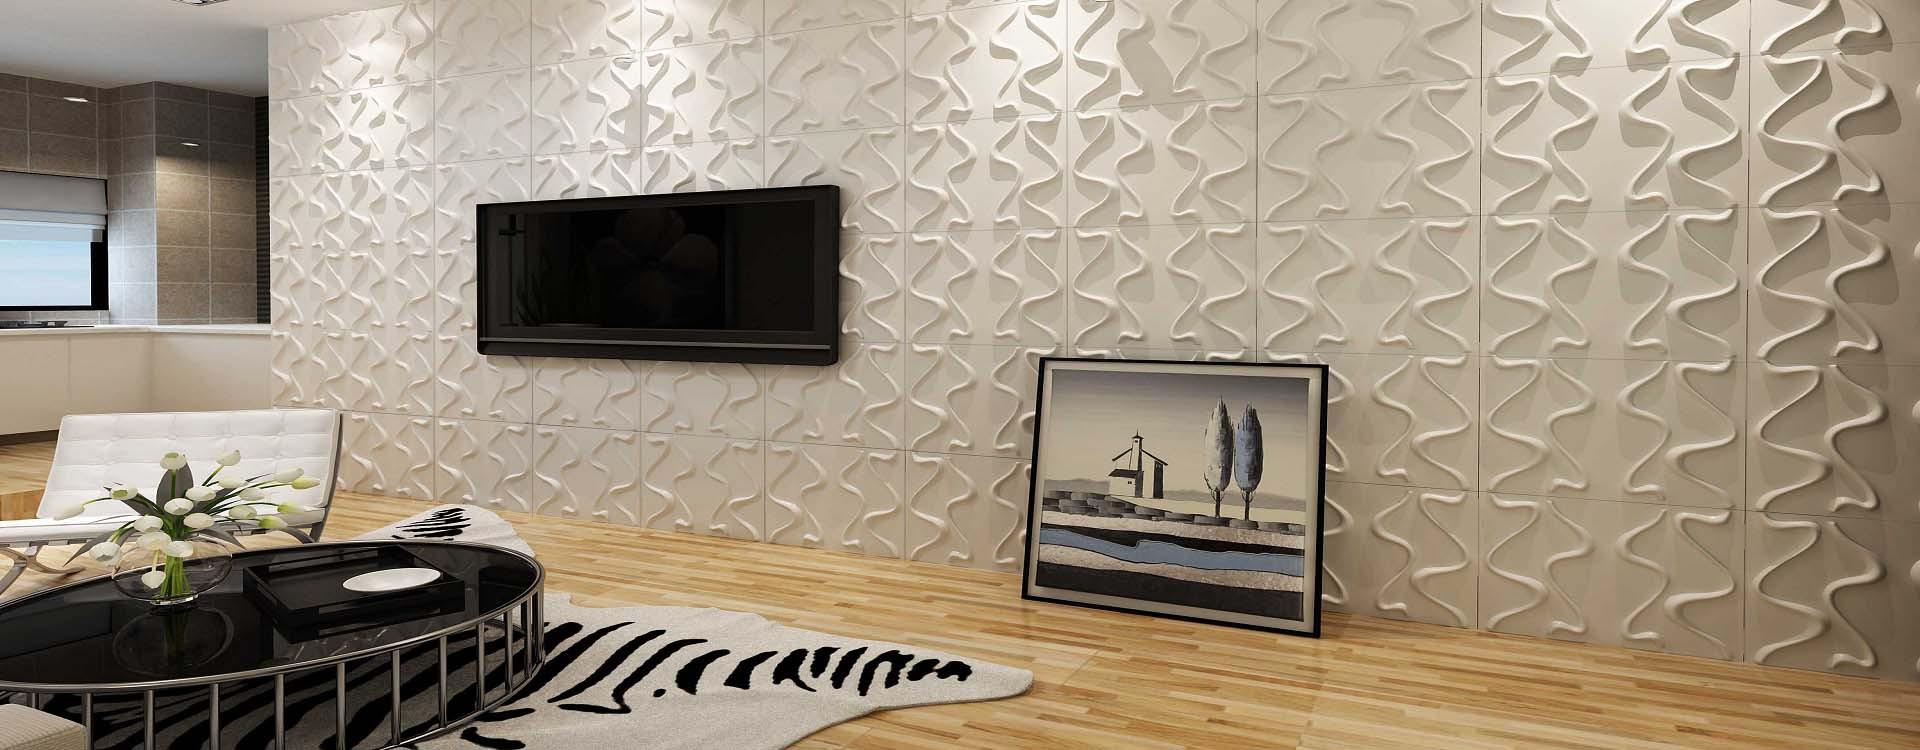 چگونه یک دیوارپوش سه بعدی مناسب برای دیوارهای محل خود انتخاب کنیم؟